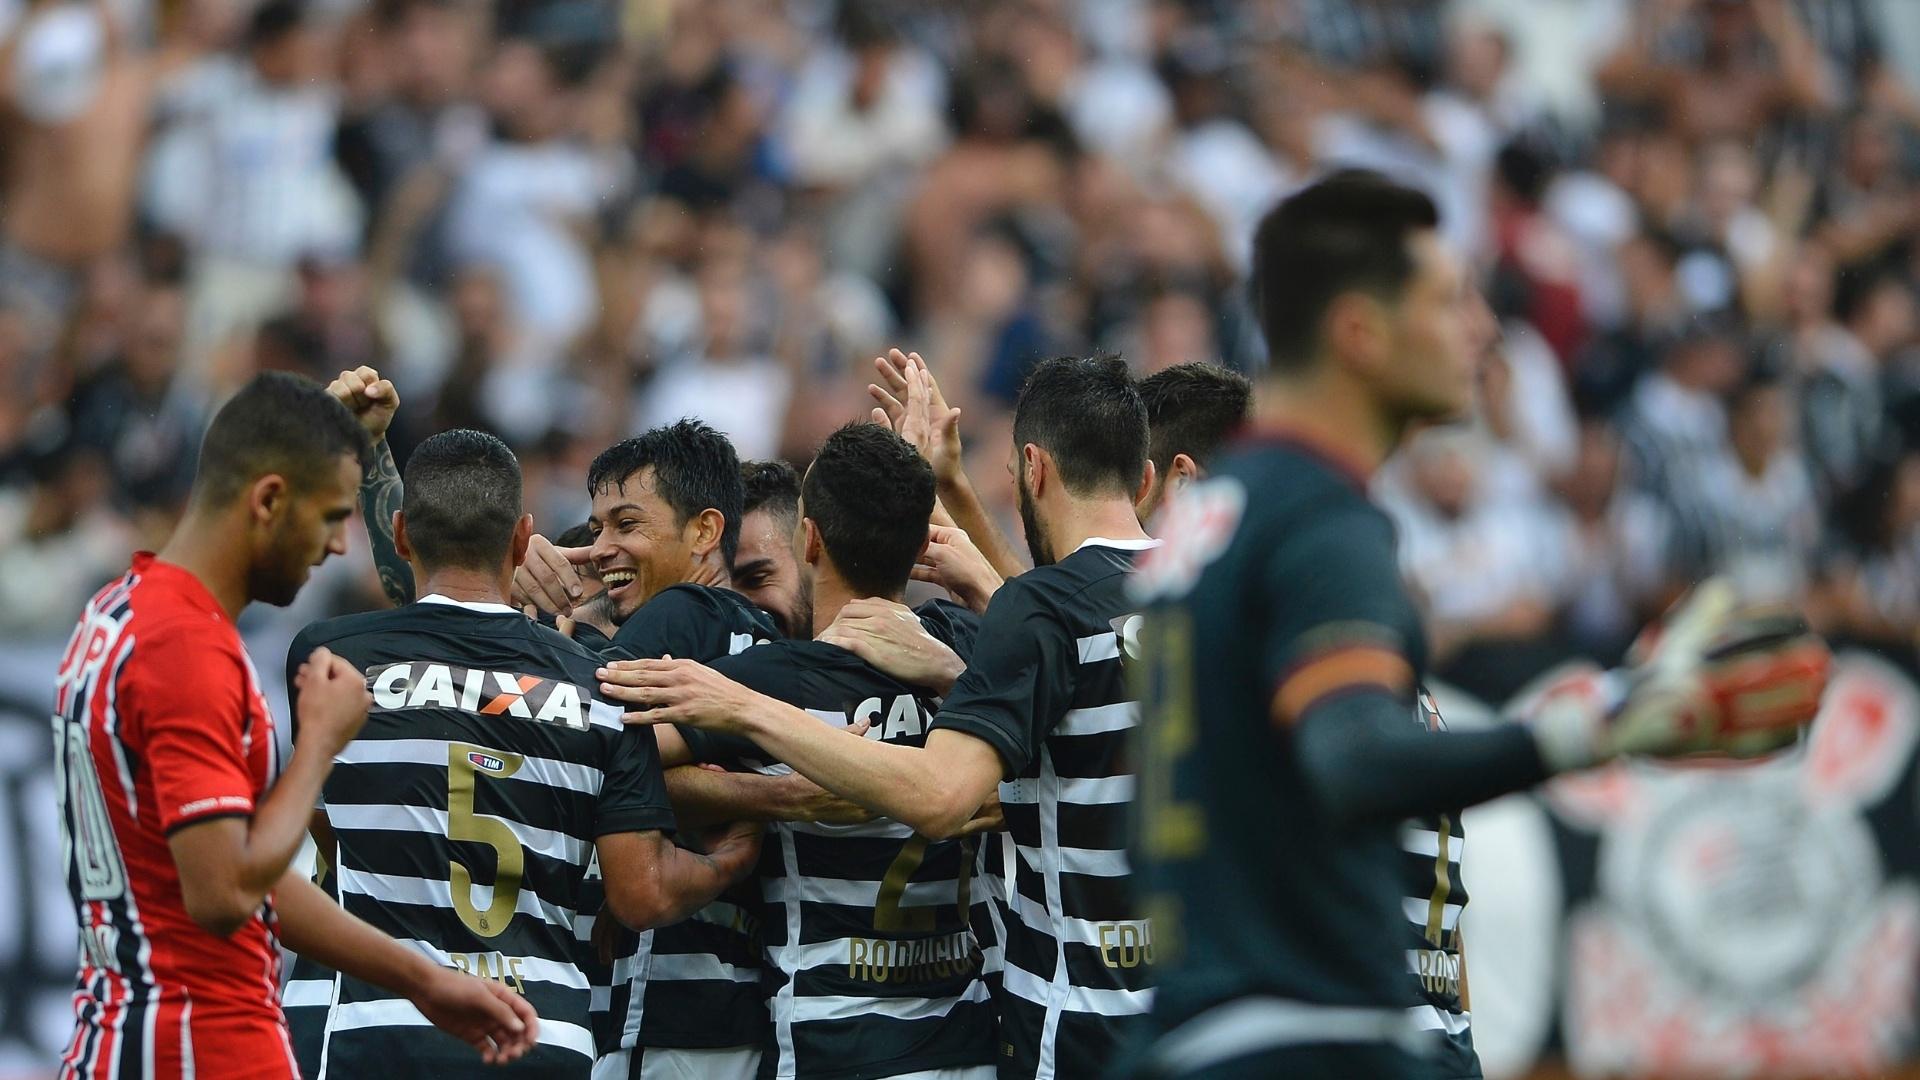 Corintianos comemoram gol de Lucca contra o São Paulo, na Arena Corinthians